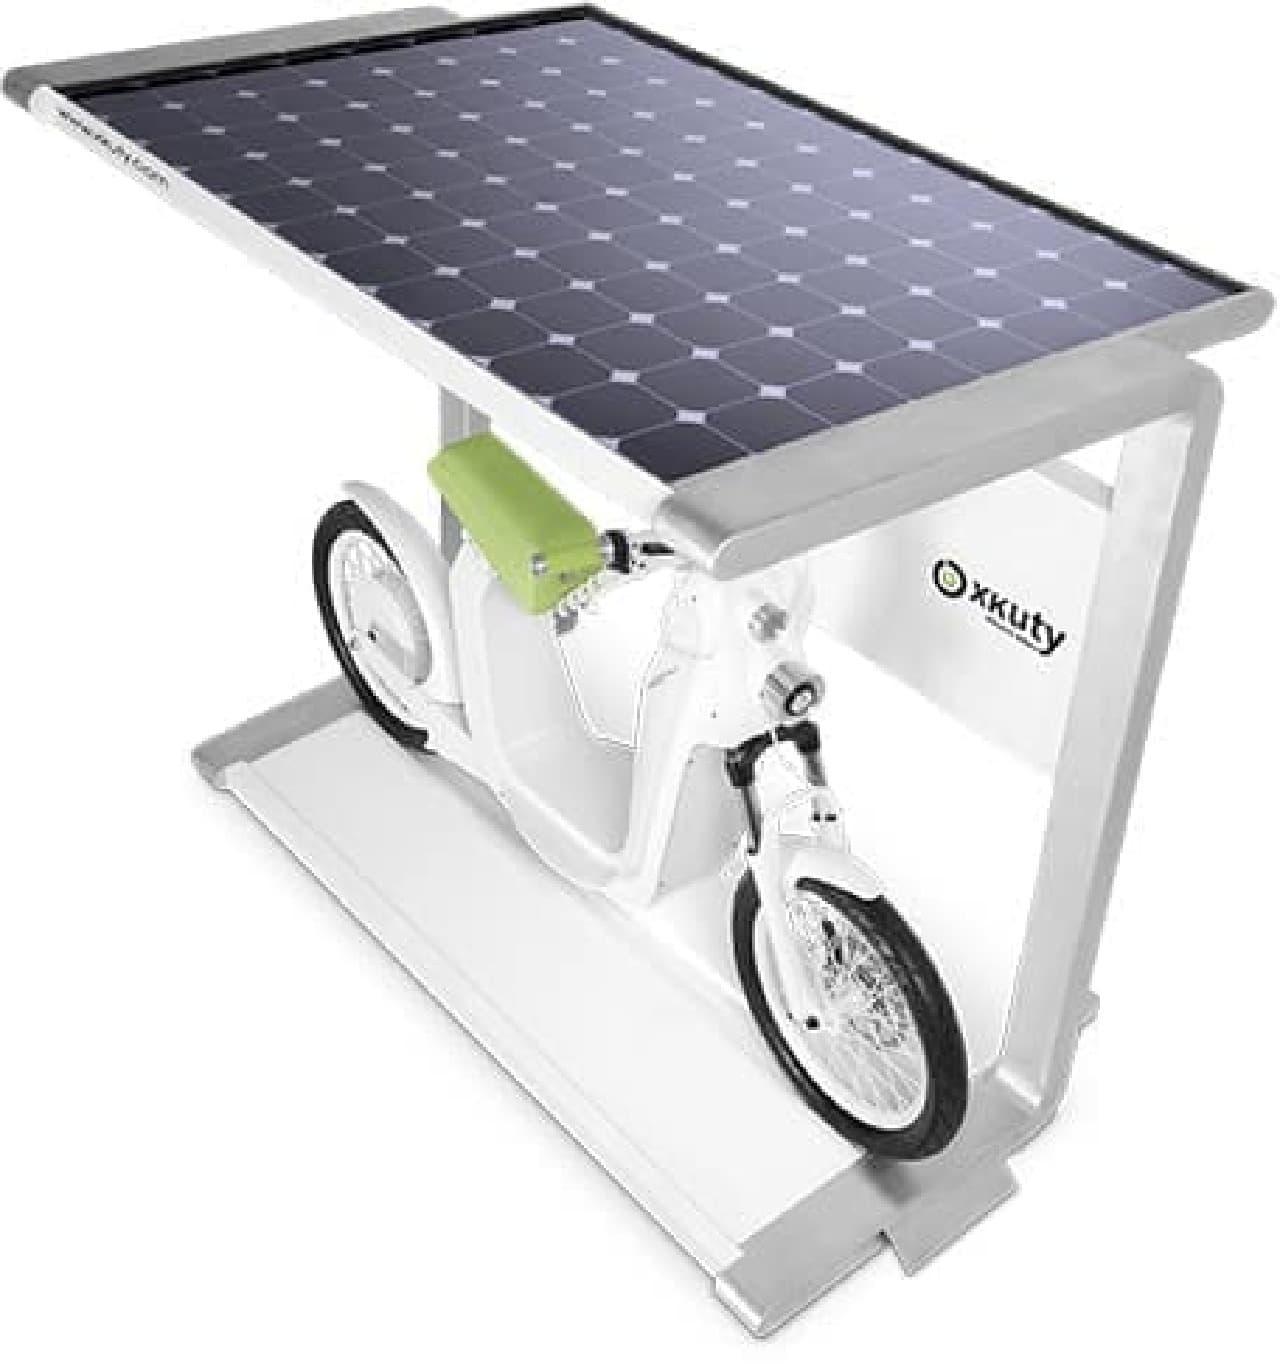 太陽電池で充電するパーキングステーション「Spark」